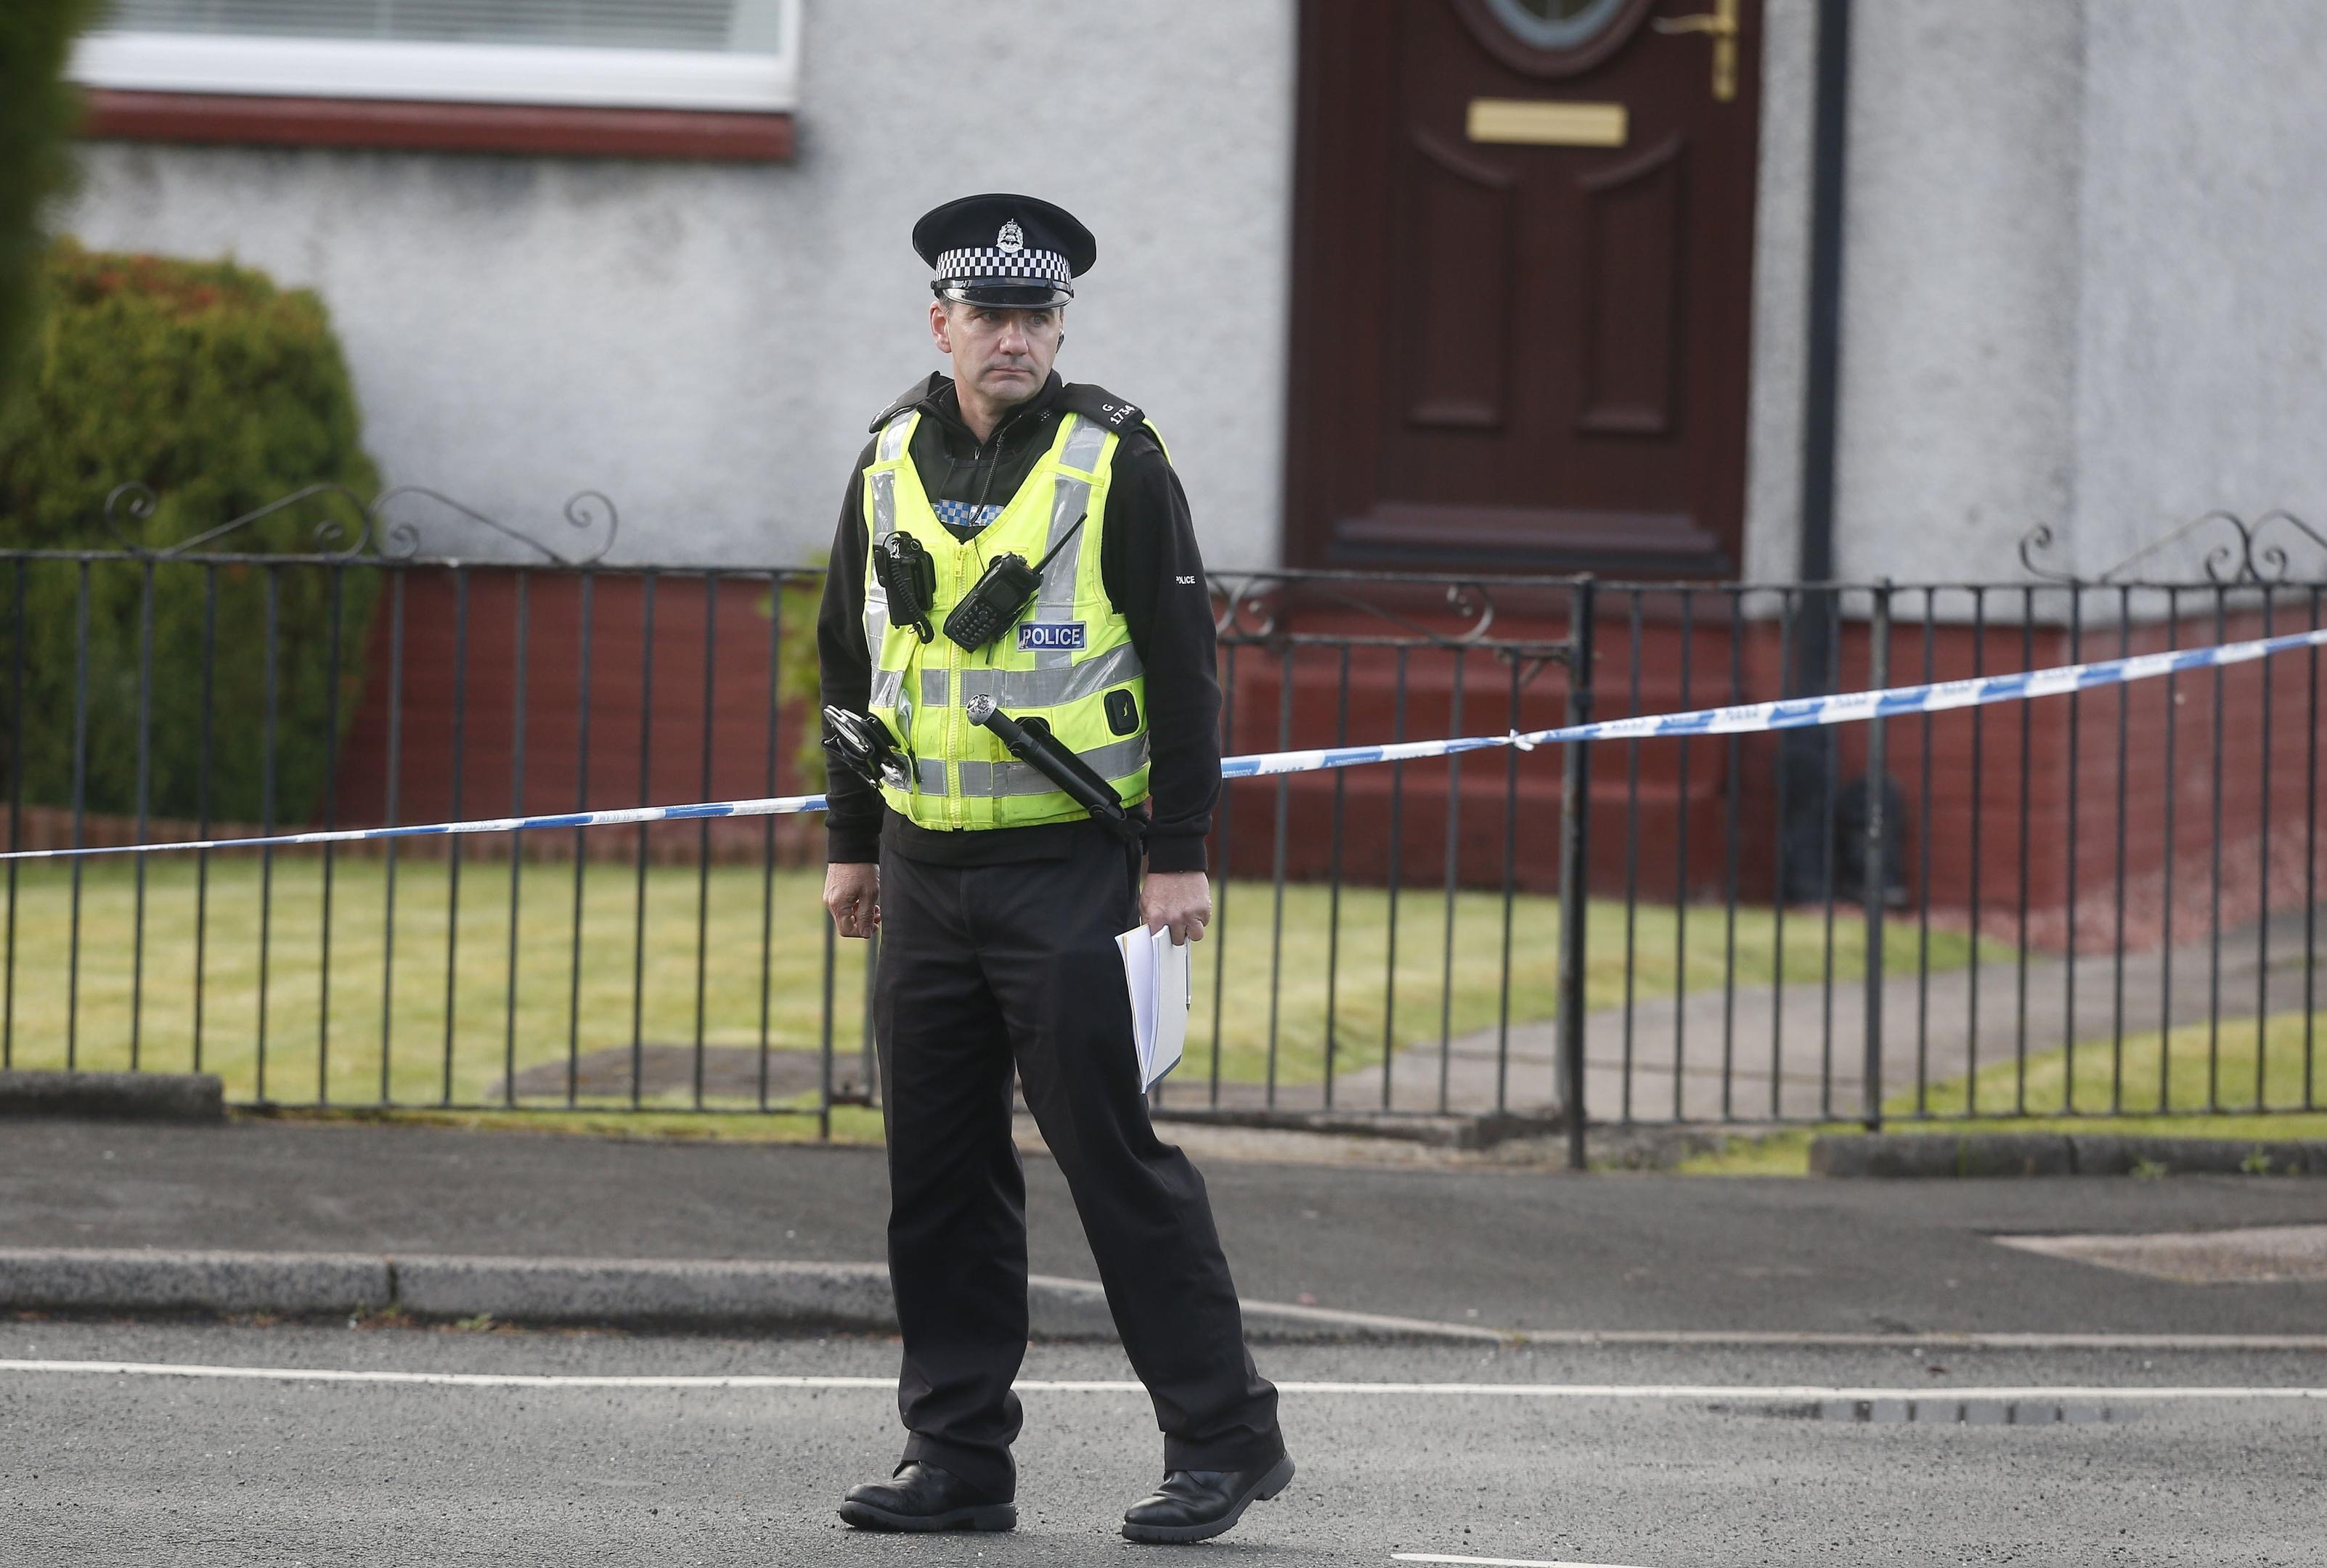 Police near the scene in Bishopbriggs